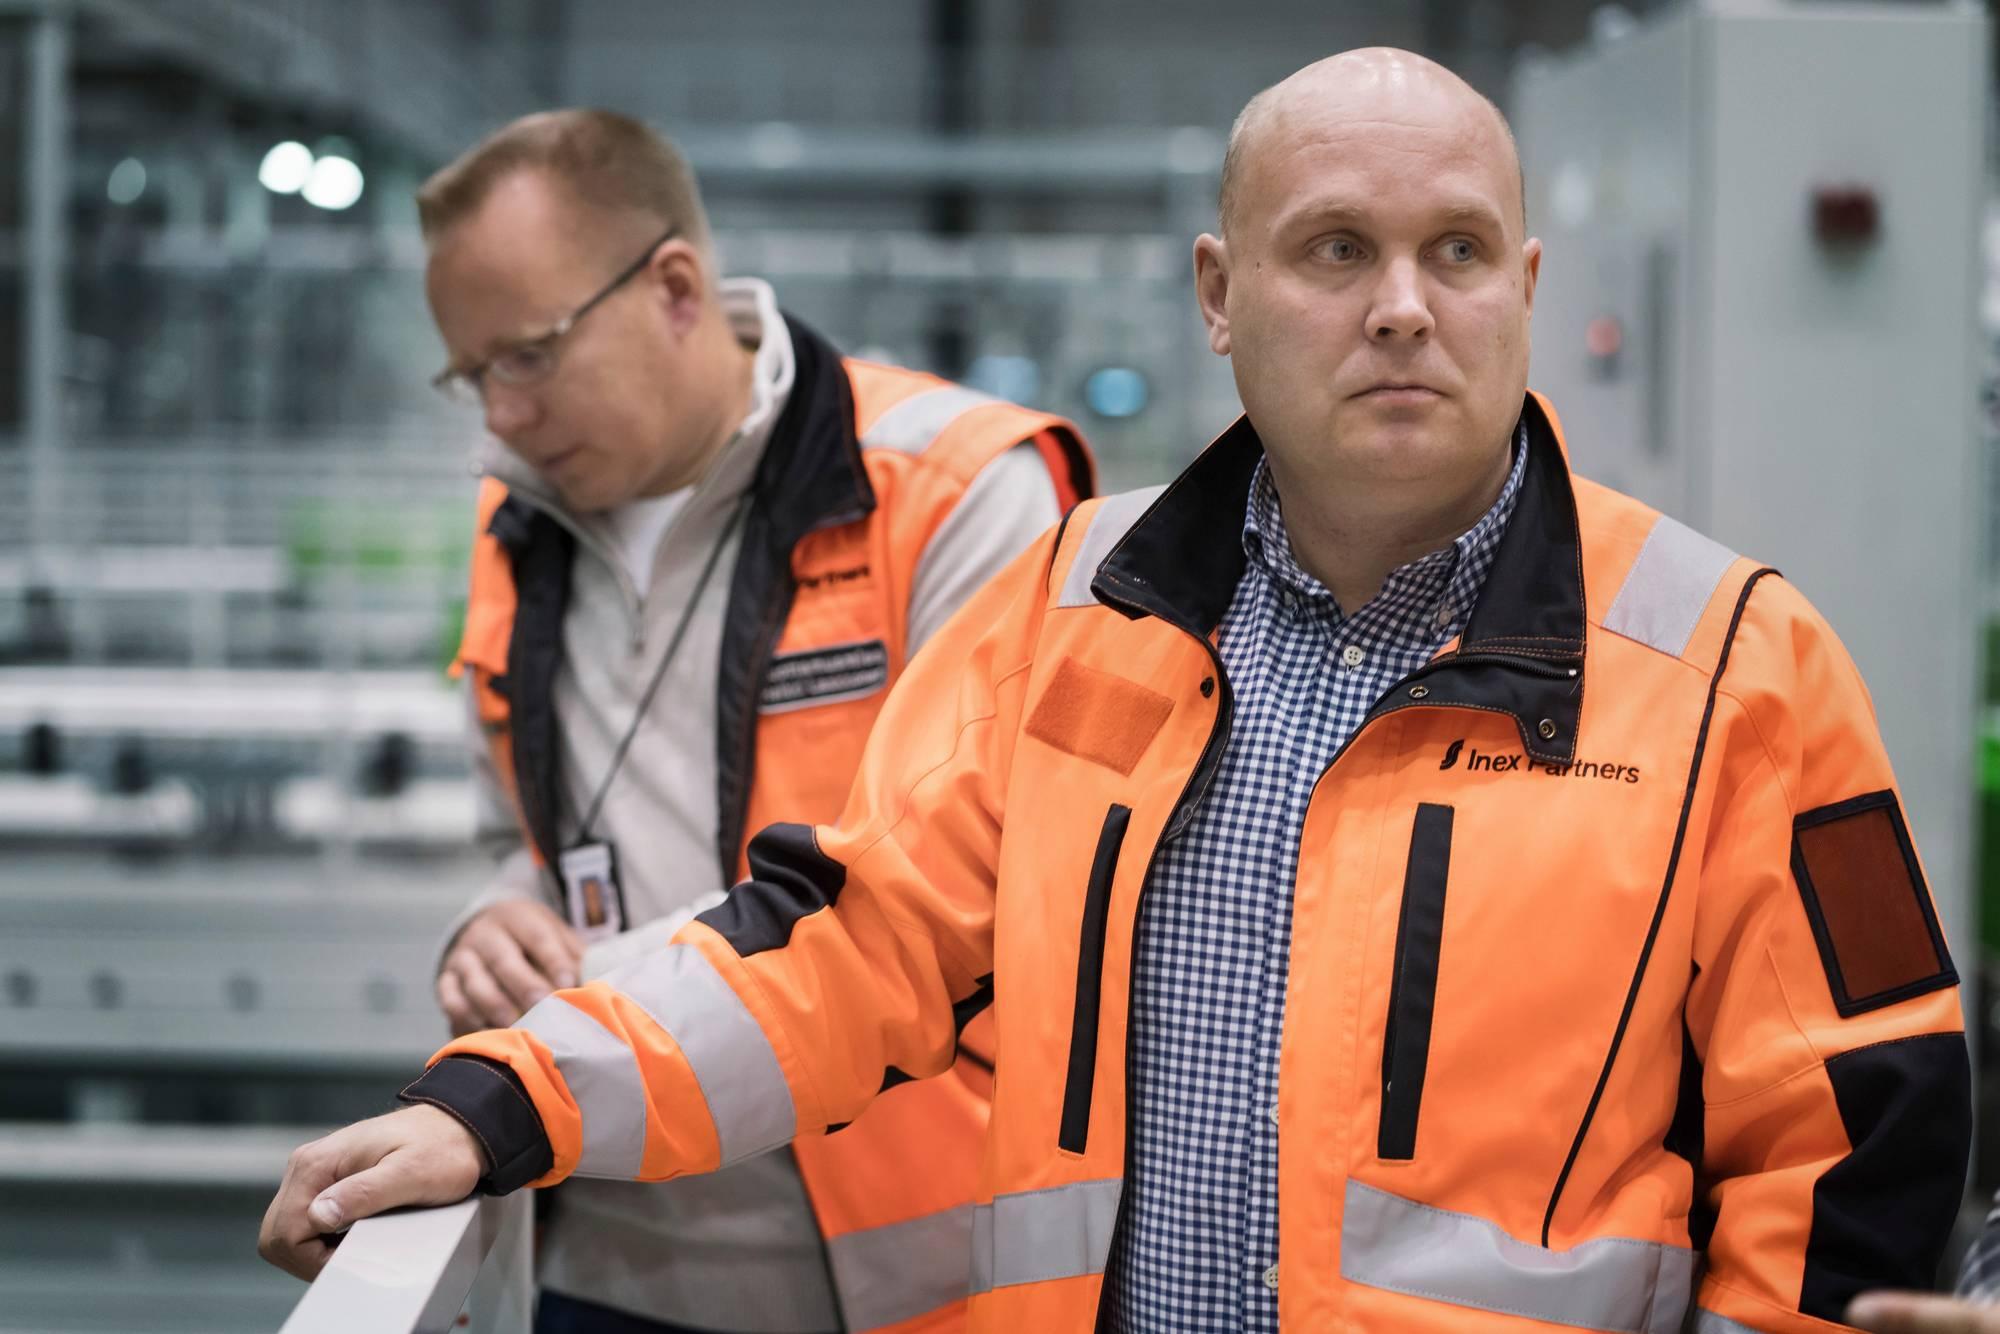 Luottamusmies Heikki Laakkonen ja tuotantojohtaja Tuukka Turunen ovat neuvotelleet muun muassa siitä, kuinka automaatiotyö näkyy työntekijän palkassa. Kuva: Jukka Rapo